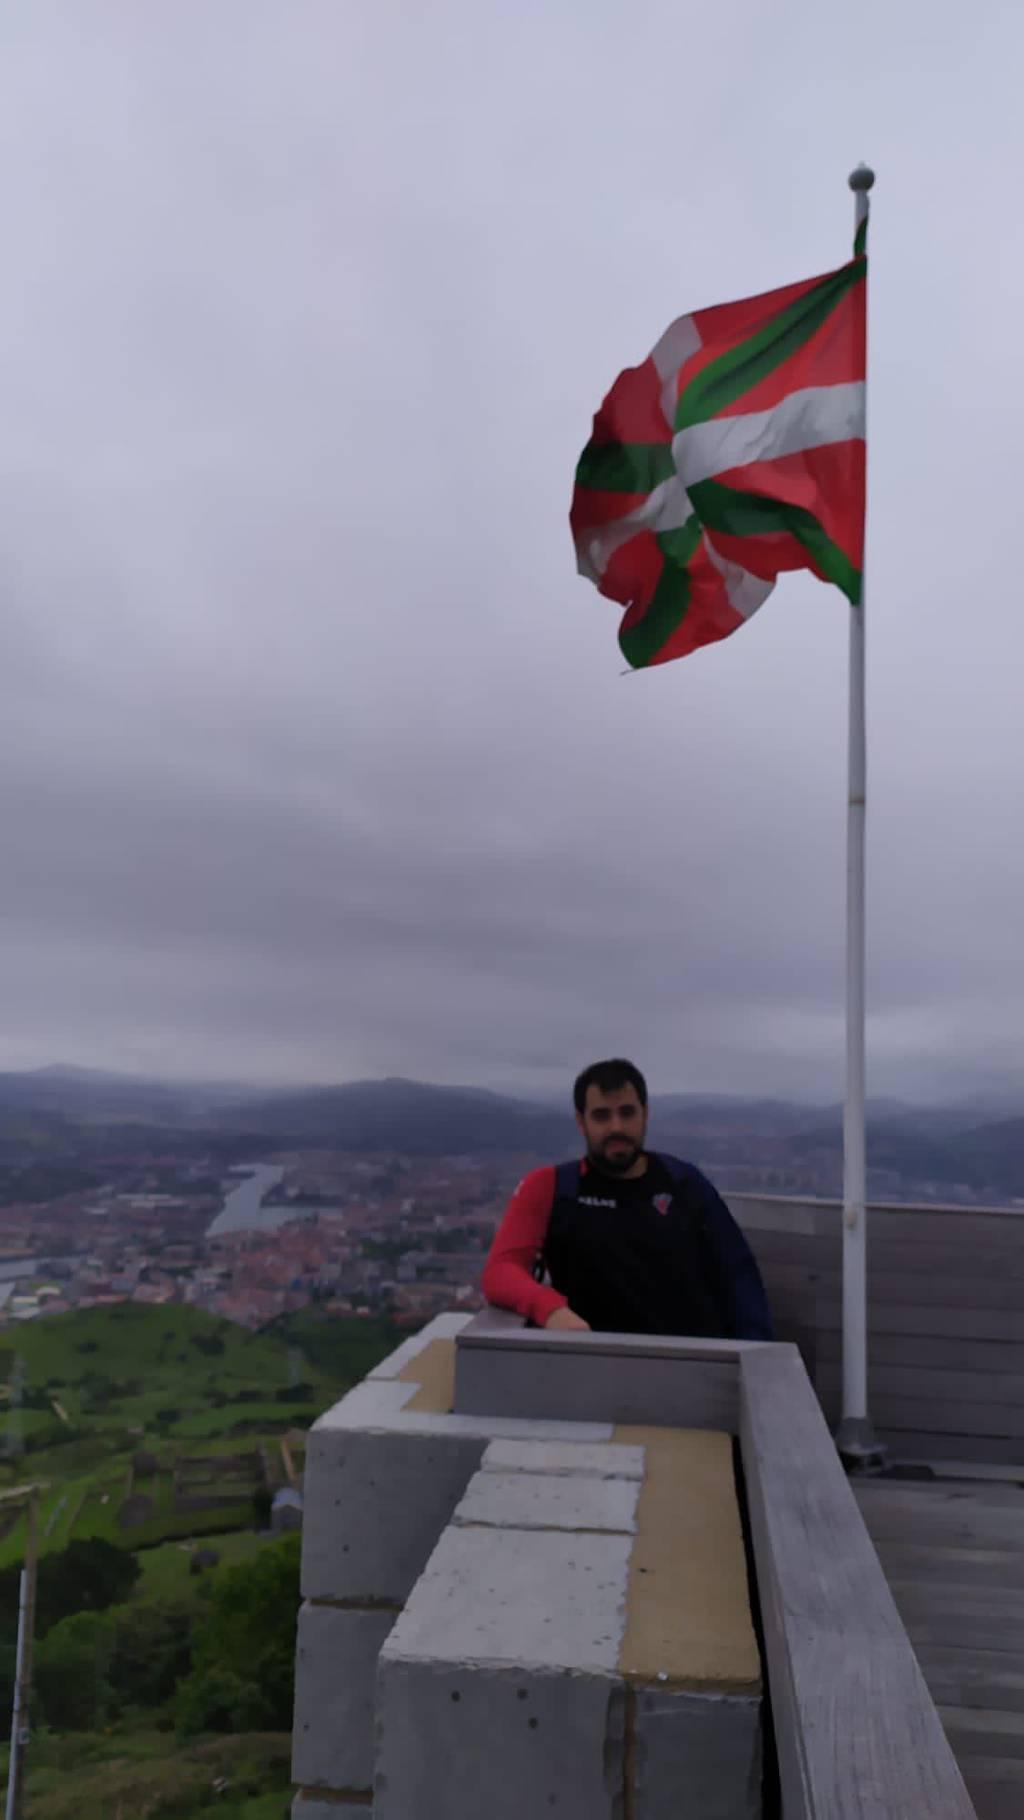 Ander Ibañez de Gauna erabiltzailea Serantes puntan, 2021-05-16 13:05